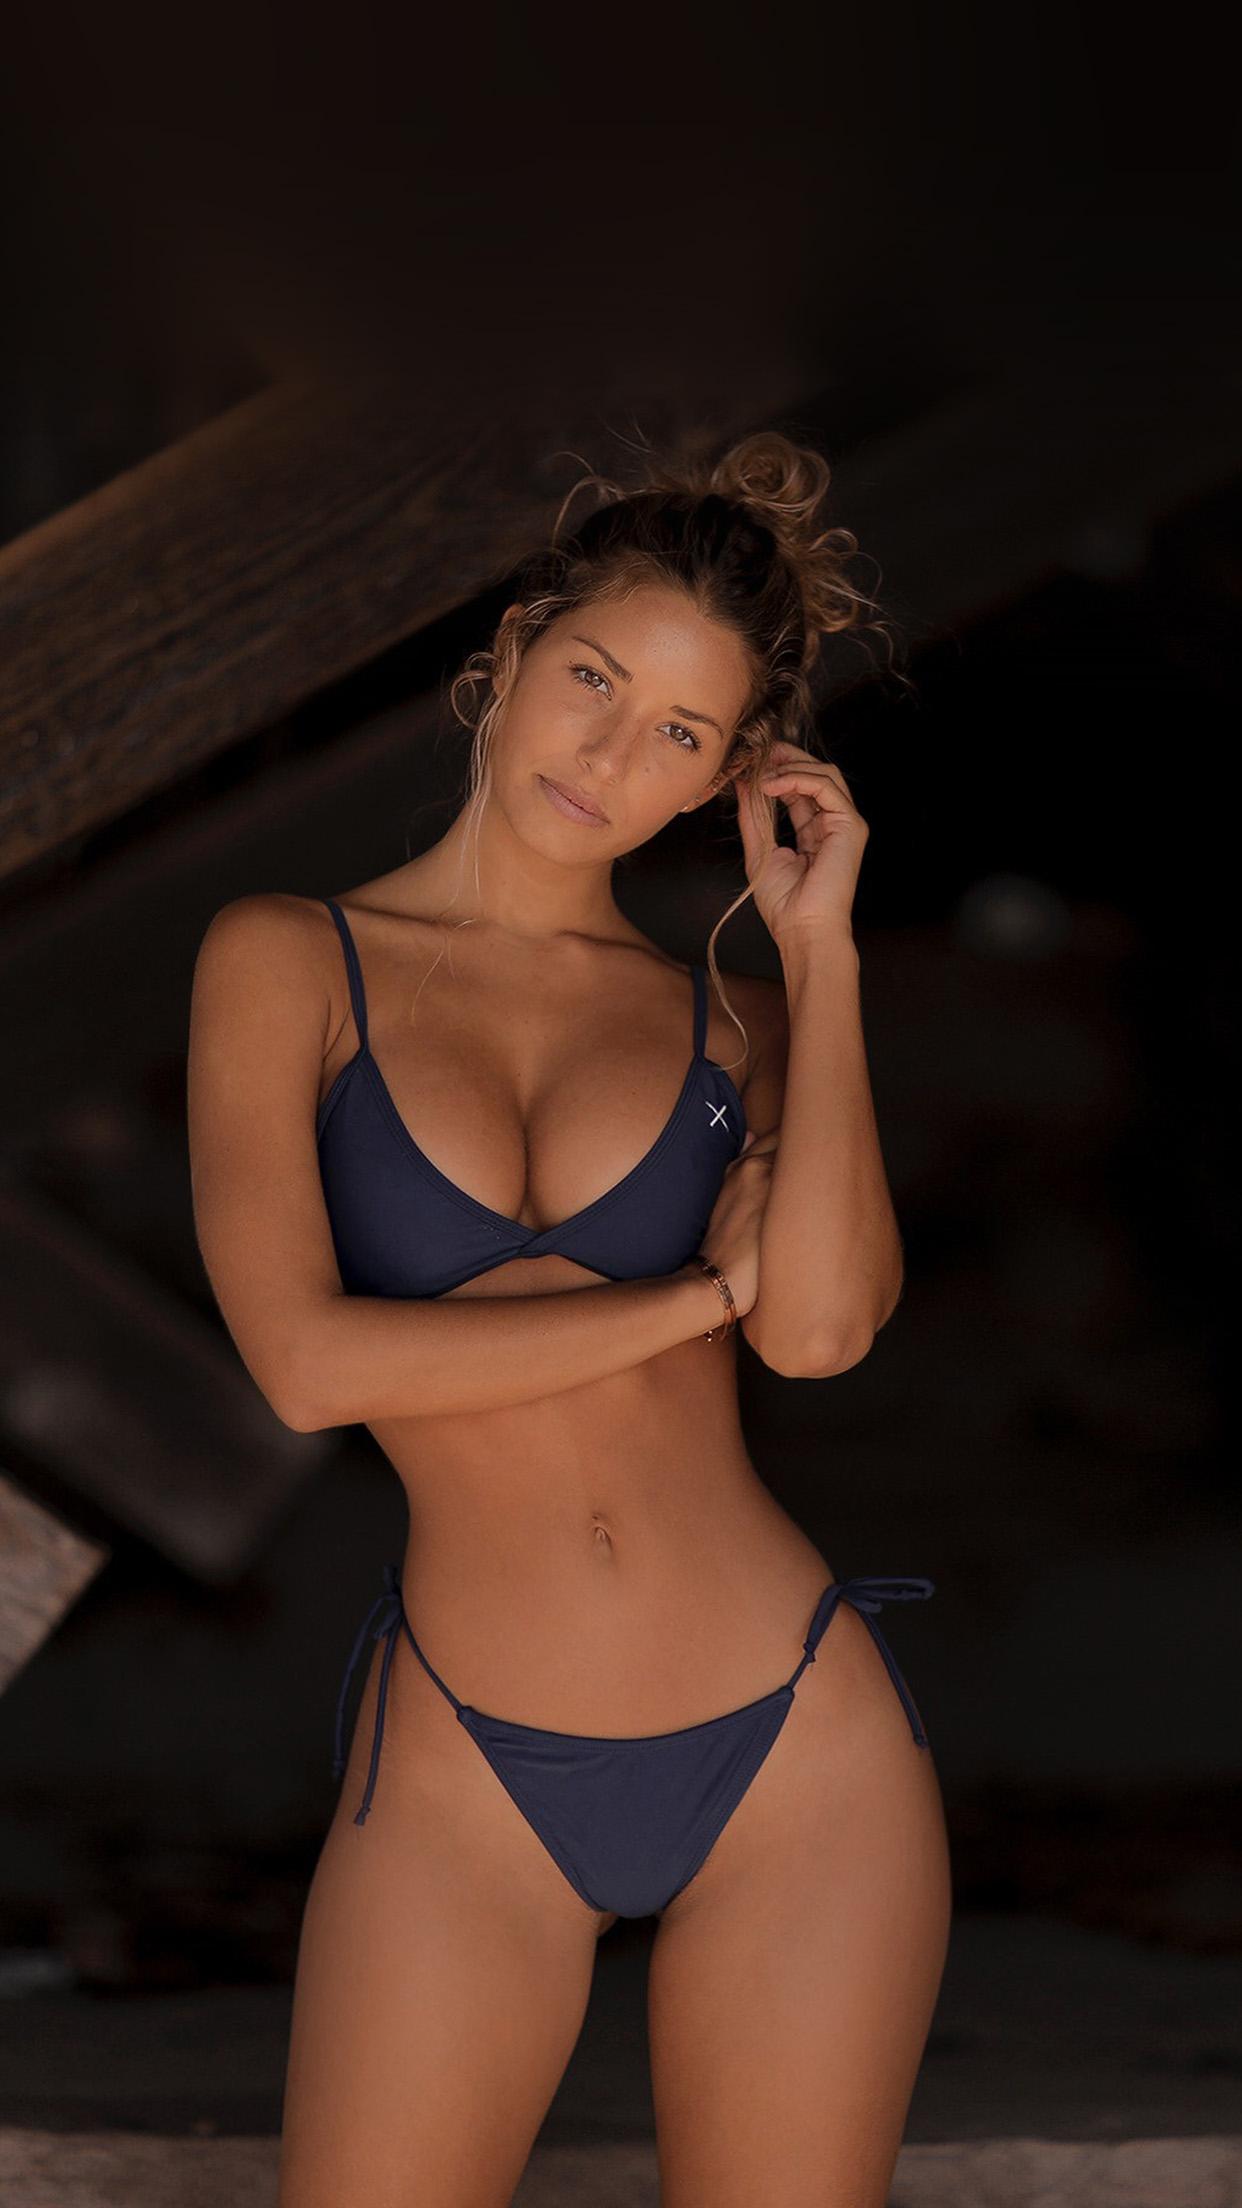 In hot bikini girl Girl Twerk